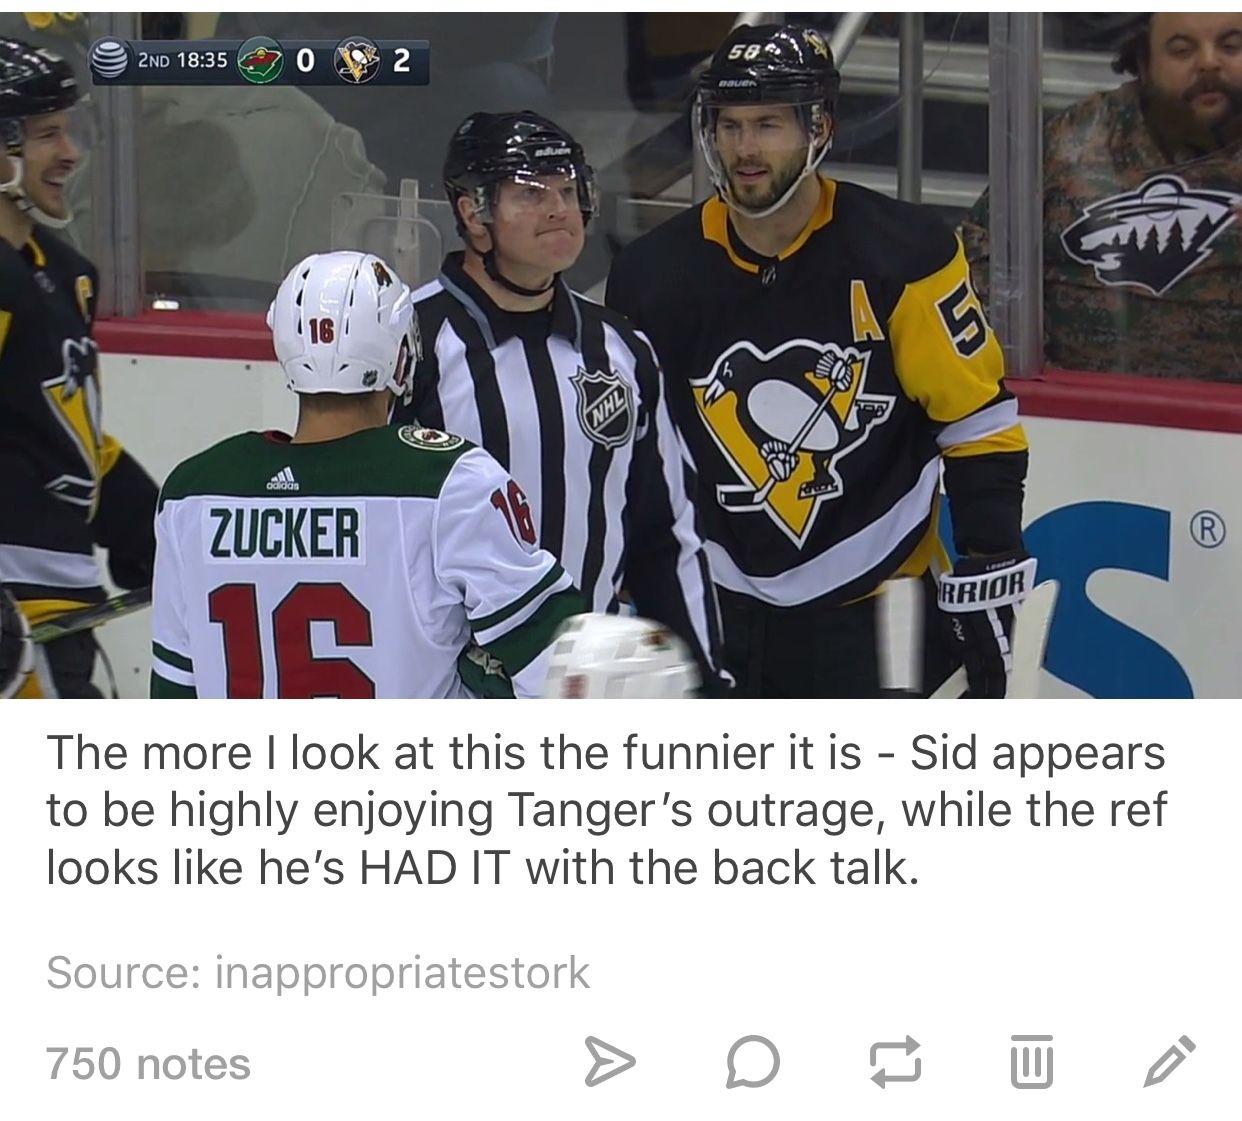 Pin By Sarah Beham On Hockey Hockey Humor Funny Hockey Memes Pittsburgh Penguins Hockey